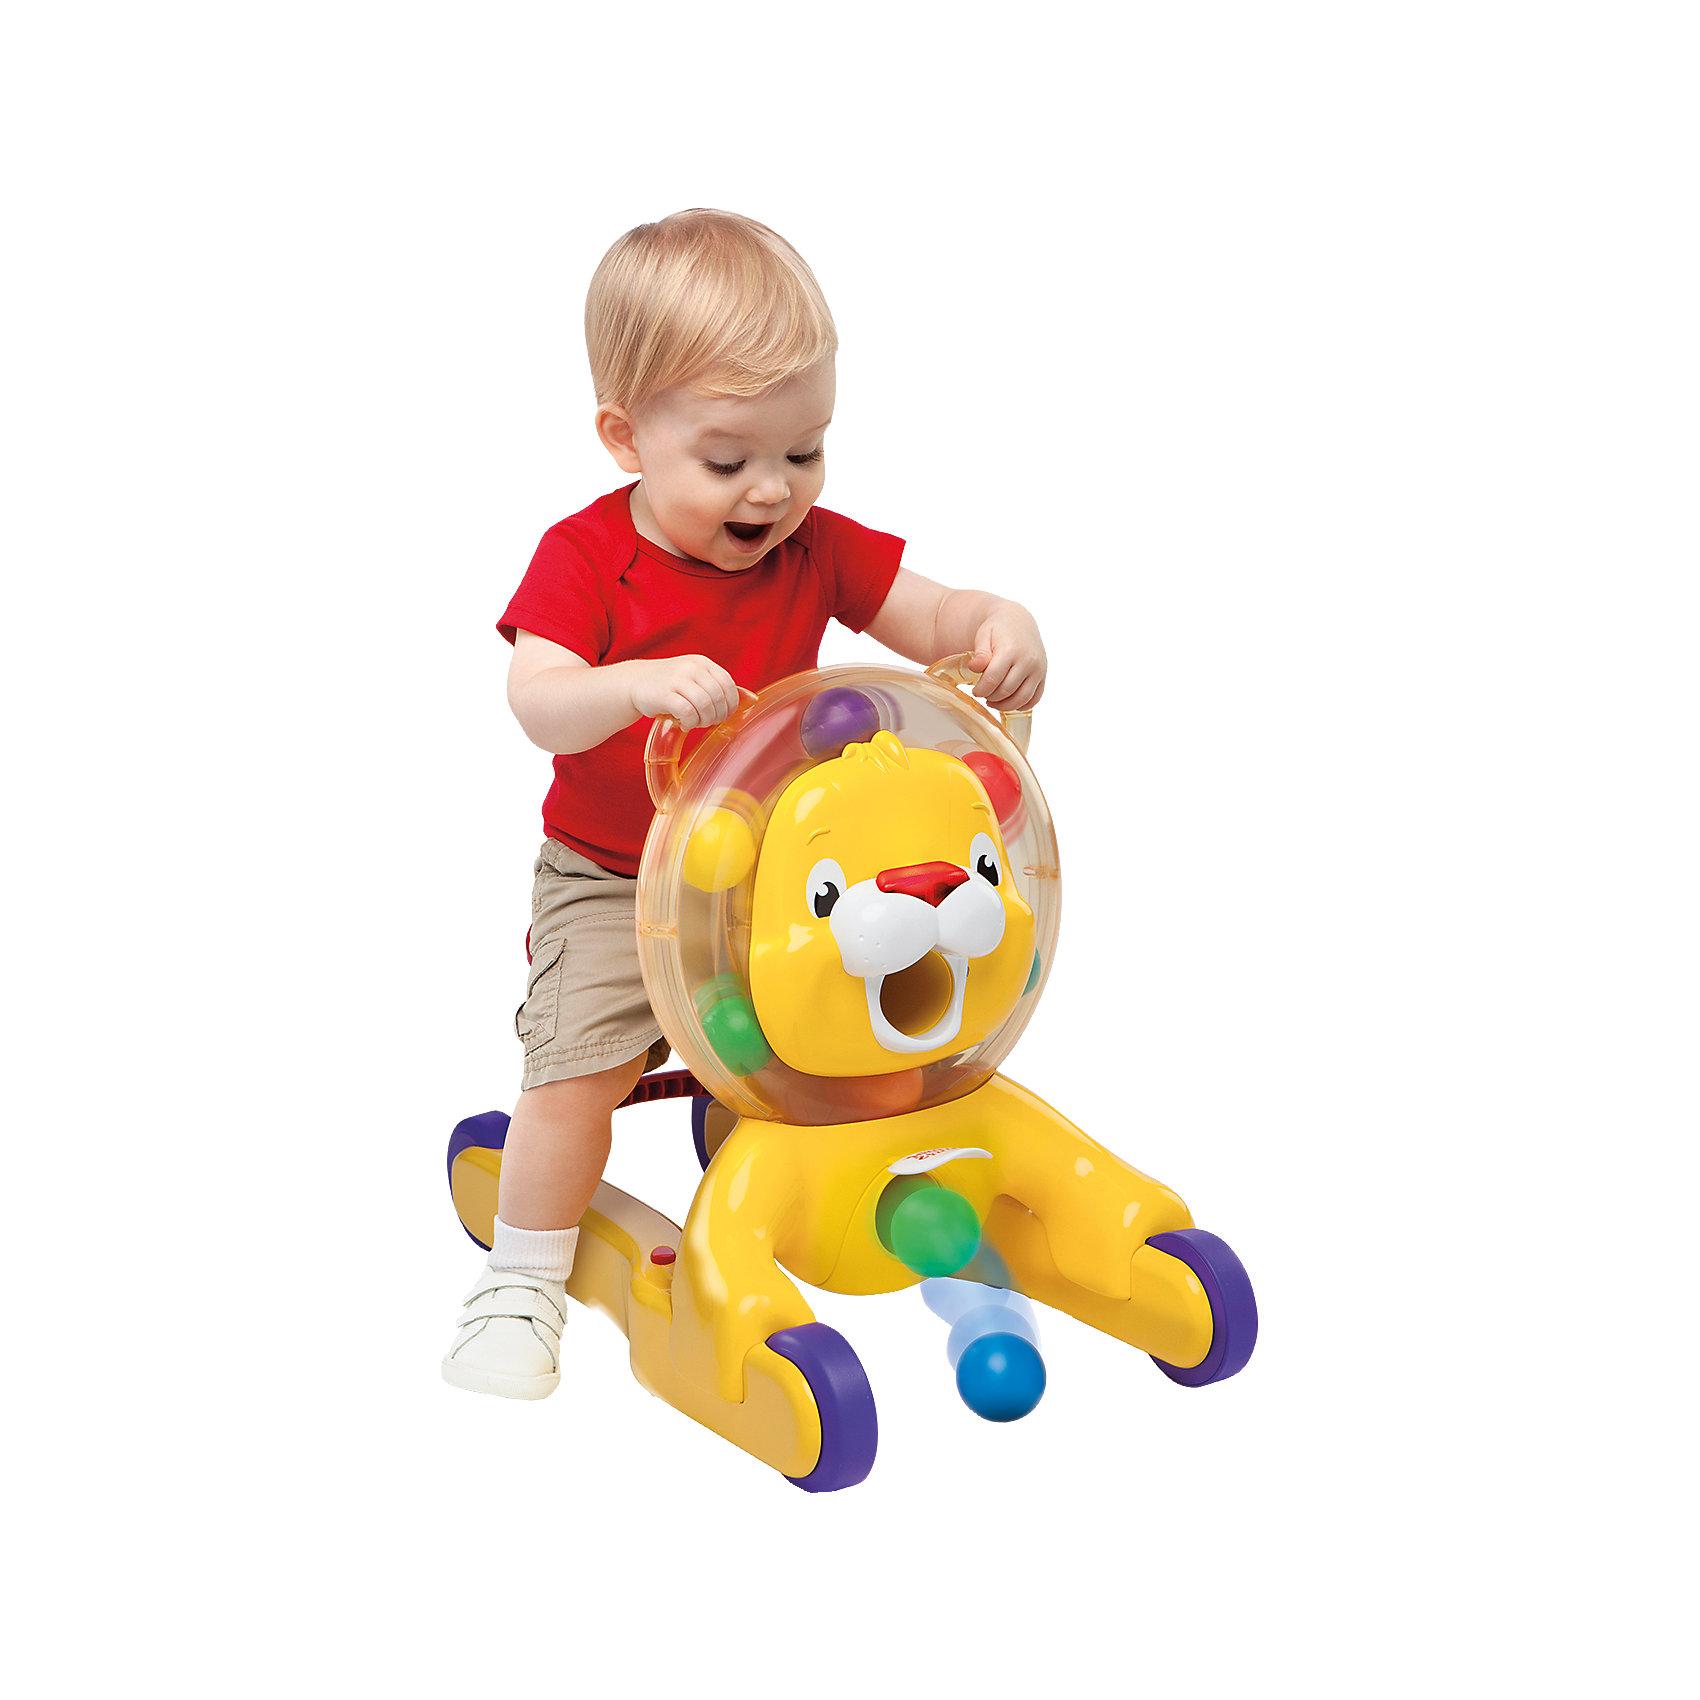 Ходунки-каталка Веселый лев, Bright StartsХодунки – каталка 3-в-1 растут вместе с вашим малышом! <br><br>Особенности<br>3 варианта использования: можно сидеть, ходить и ездить верхом<br>При любом варианте игры внутри гривы льва крутятся разноцветные шарики<br>Накорми льва шариками, а потом подними его медальон – и тогда шарики выкатятся наружу<br>Сиденье каталки поднимается, превращаясь в ручки для поддержания малыша во время ходьбы <br>Во время ходьбы каталка издает забавные звуки<br>Крутящиеся шарики, надежное сиденье и удобные ручки – все что нужно для весе<br><br>Ширина мм: 635<br>Глубина мм: 167<br>Высота мм: 420<br>Вес г: 3400<br>Возраст от месяцев: 6<br>Возраст до месяцев: 36<br>Пол: Унисекс<br>Возраст: Детский<br>SKU: 4222550